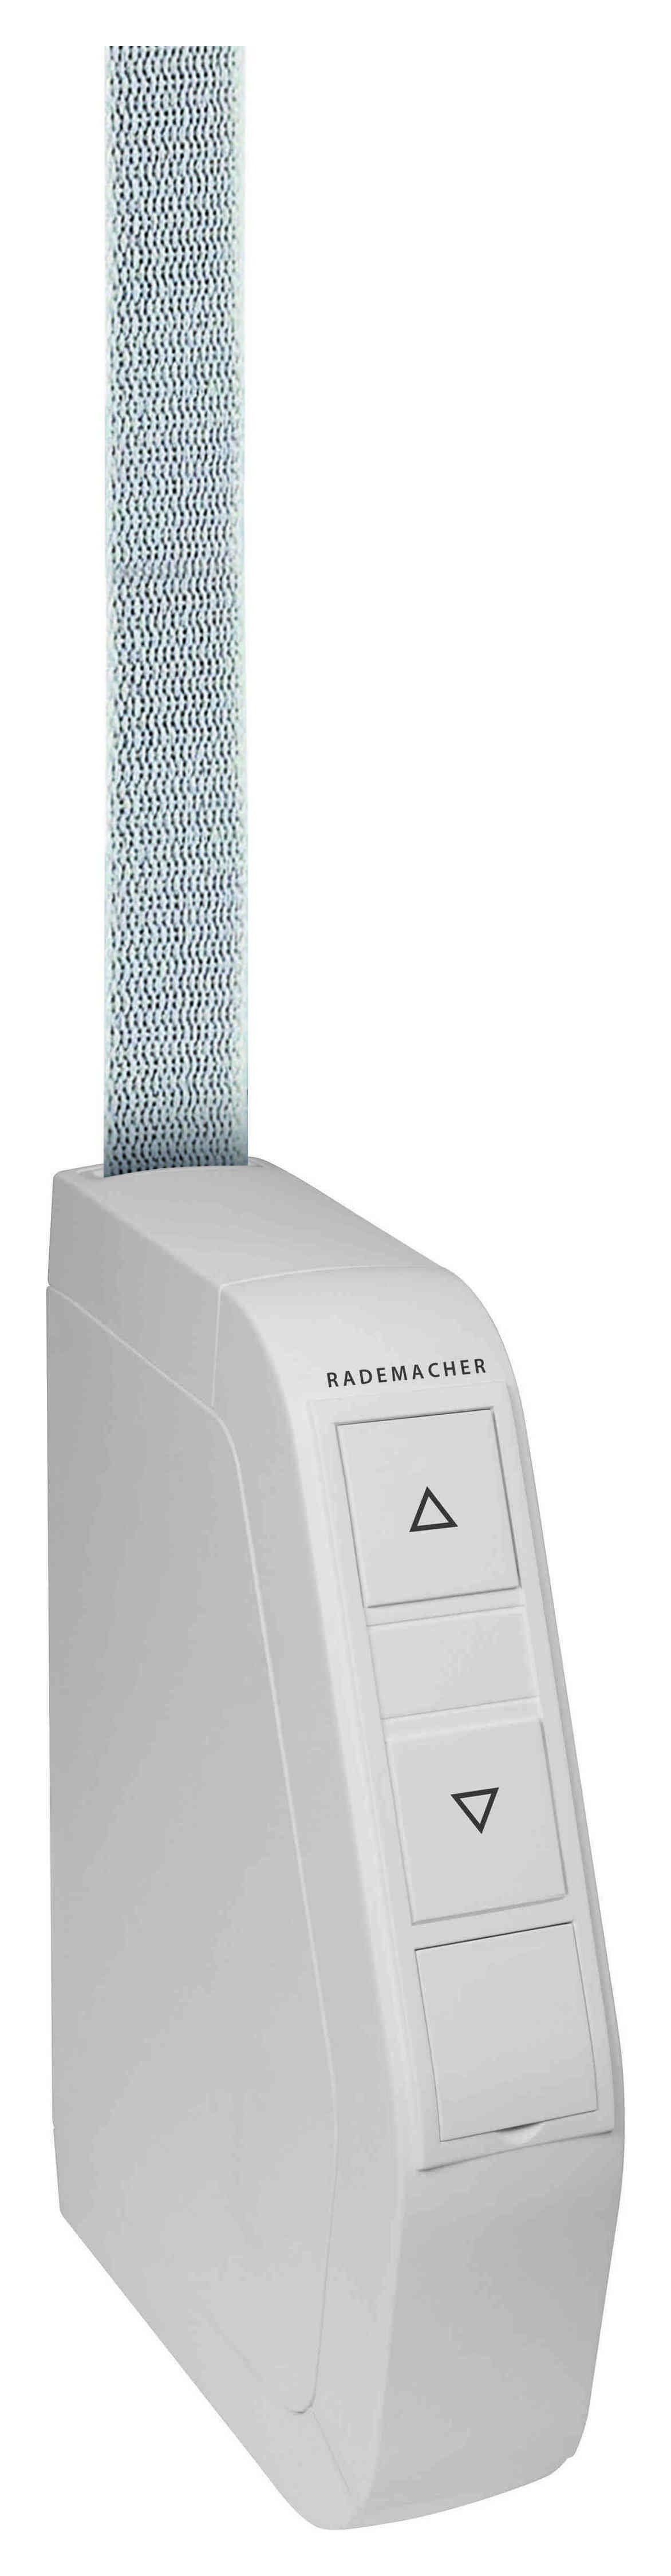 Rademacher Schwenk-Gurtwickler für Rollläden »RolloTron Standard Minigurt 1550-UW«